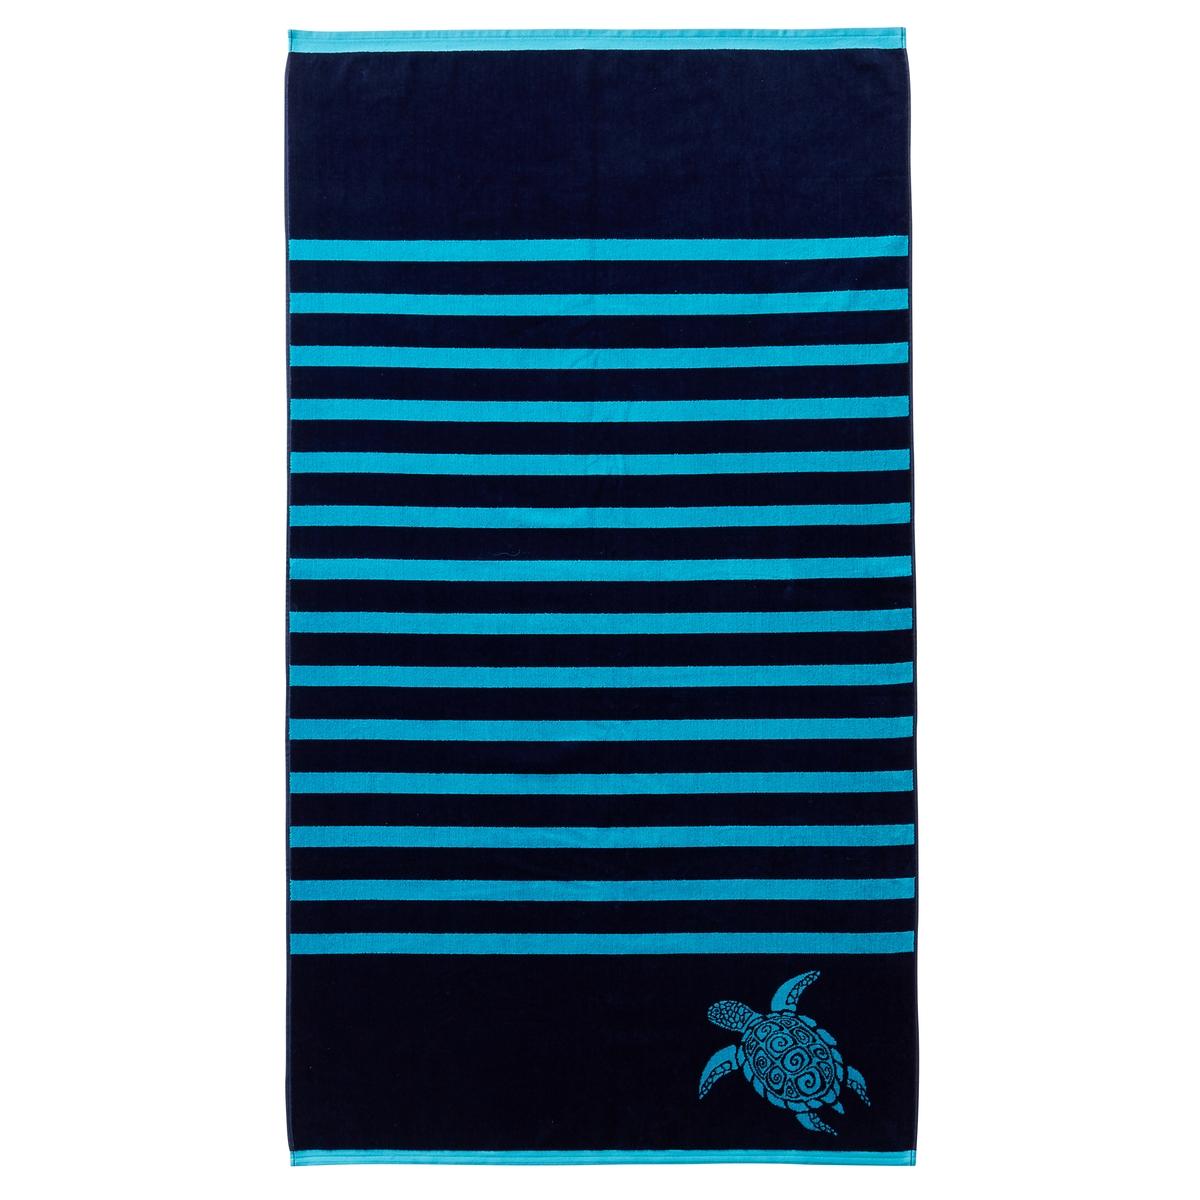 Полотенце пляжное BahiaРазмеры пляжного полотенца Bahia :90 x 170 см .<br><br>Цвет: синий